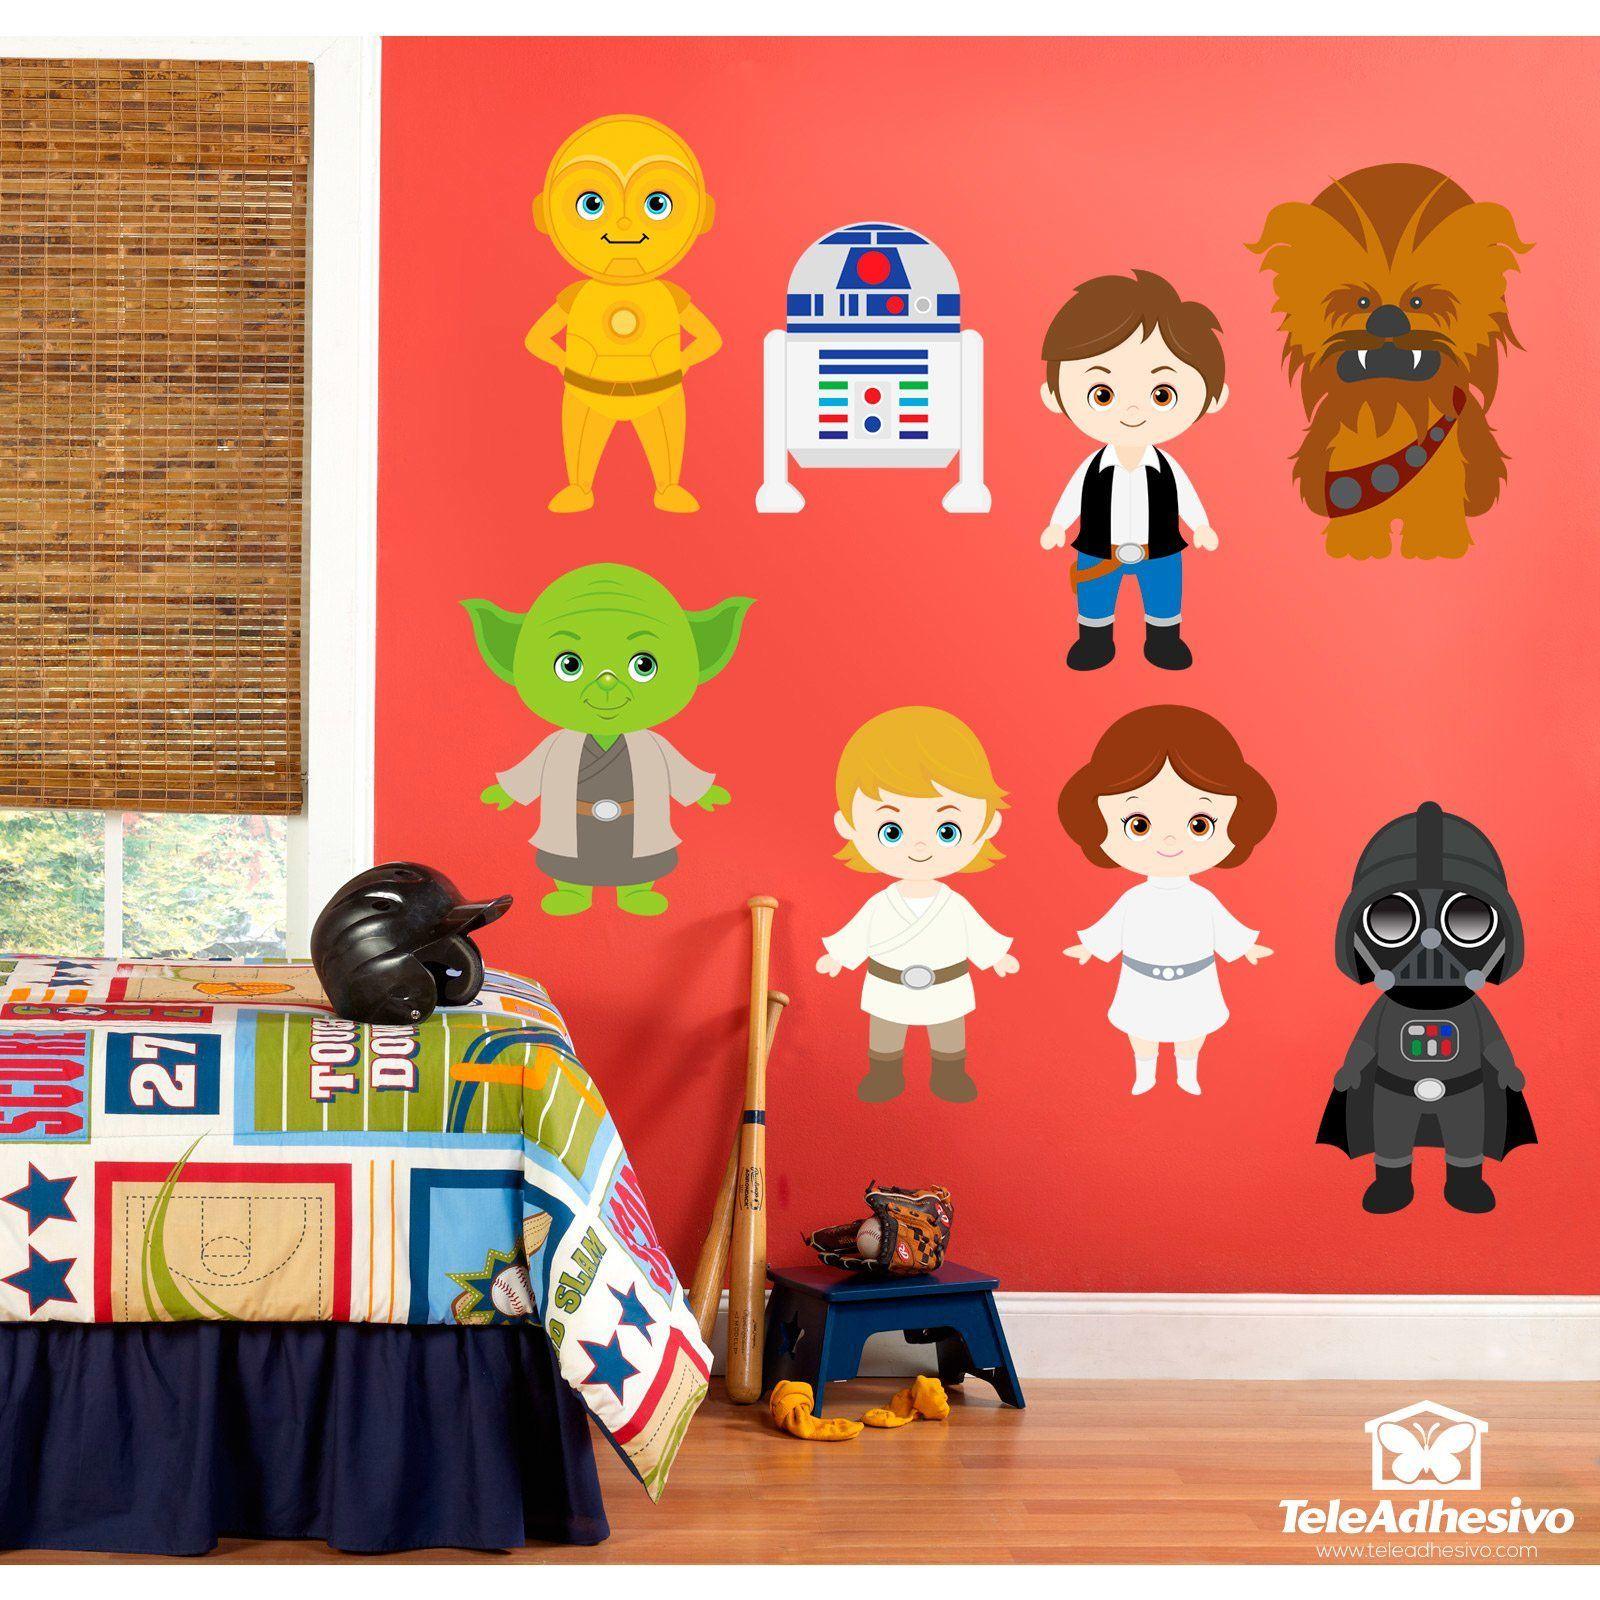 star wars kit. Black Bedroom Furniture Sets. Home Design Ideas